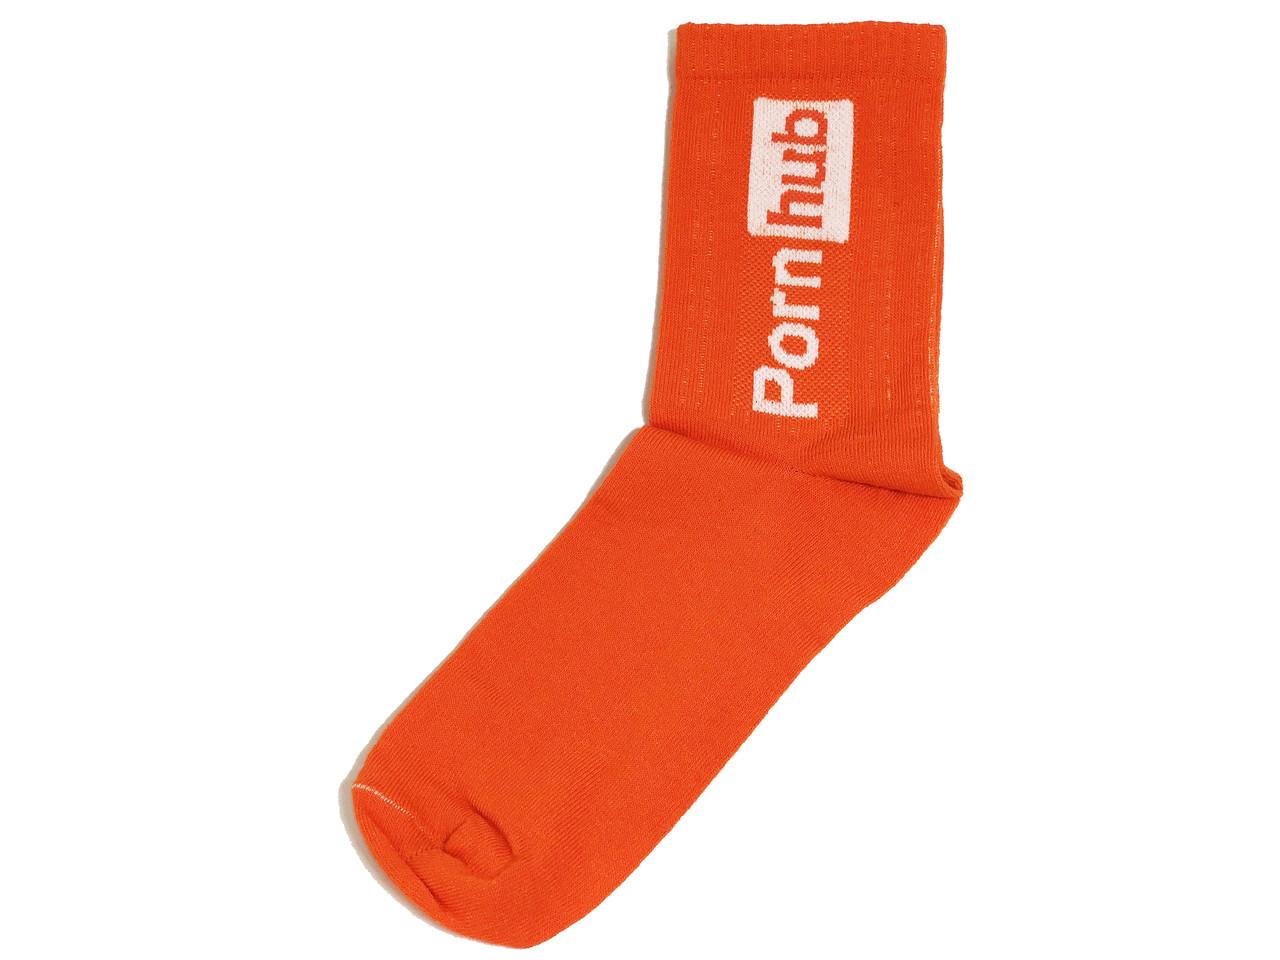 Мужские носки LOMM Premium Pornhub оранжевый